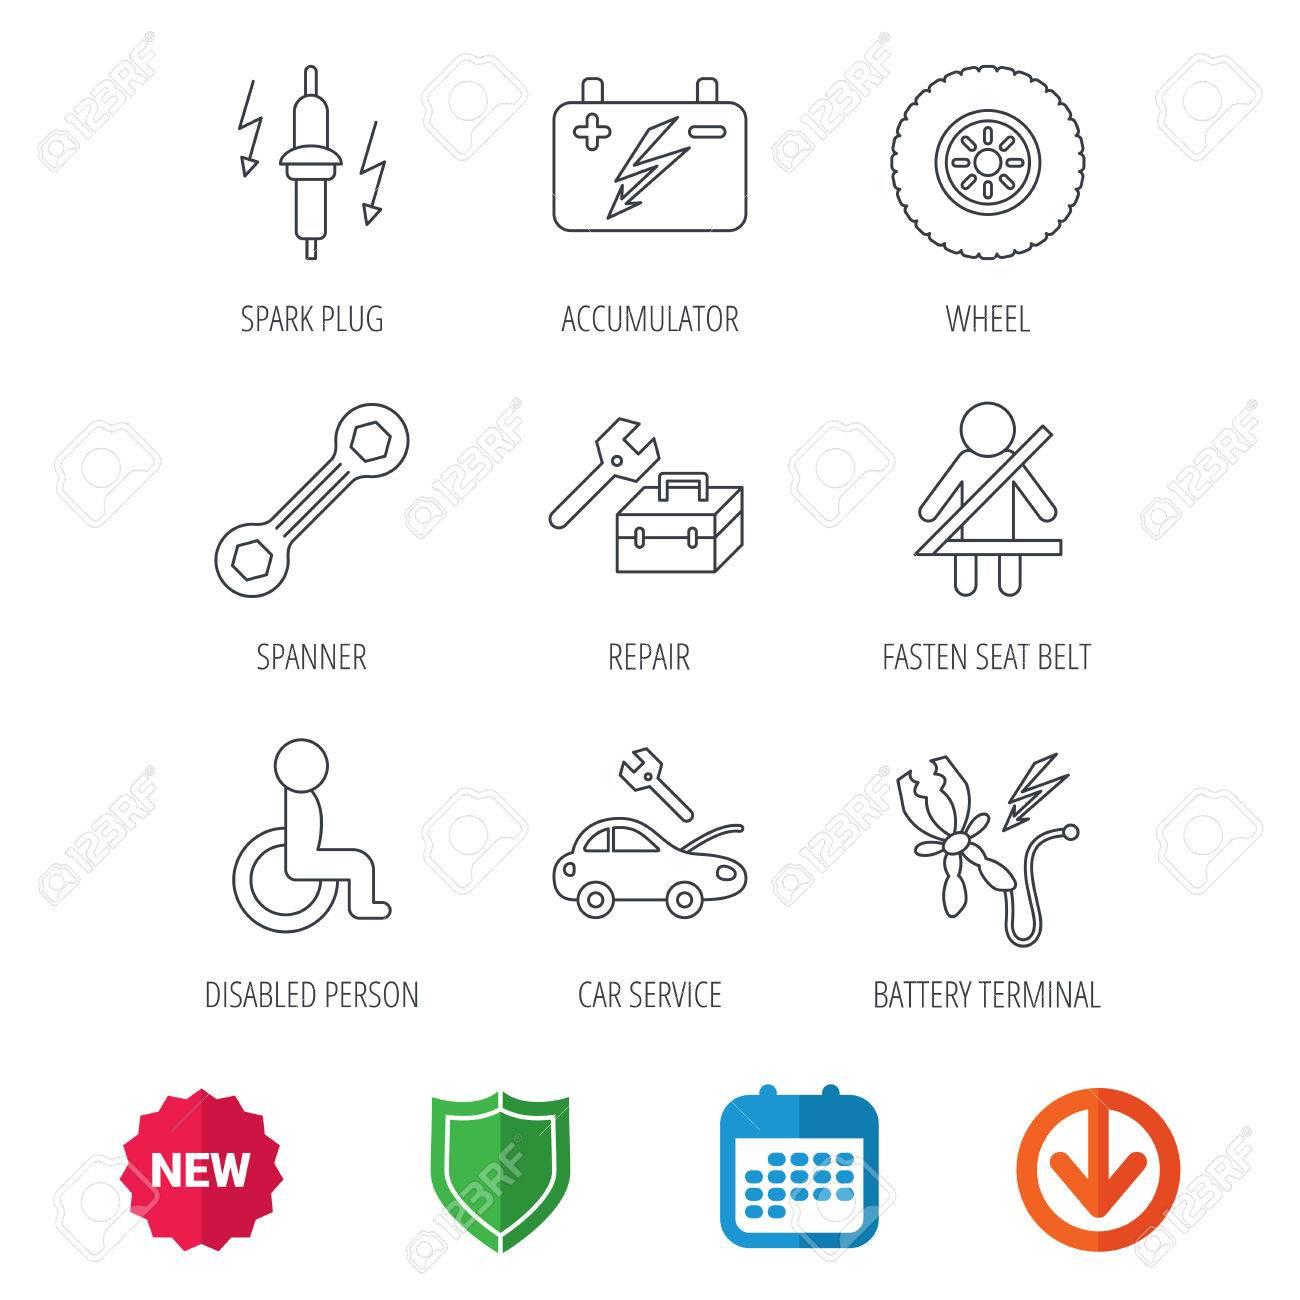 Akkumulator, Schraubenschlüssel Werkzeug Und Auto Service Symbole ...